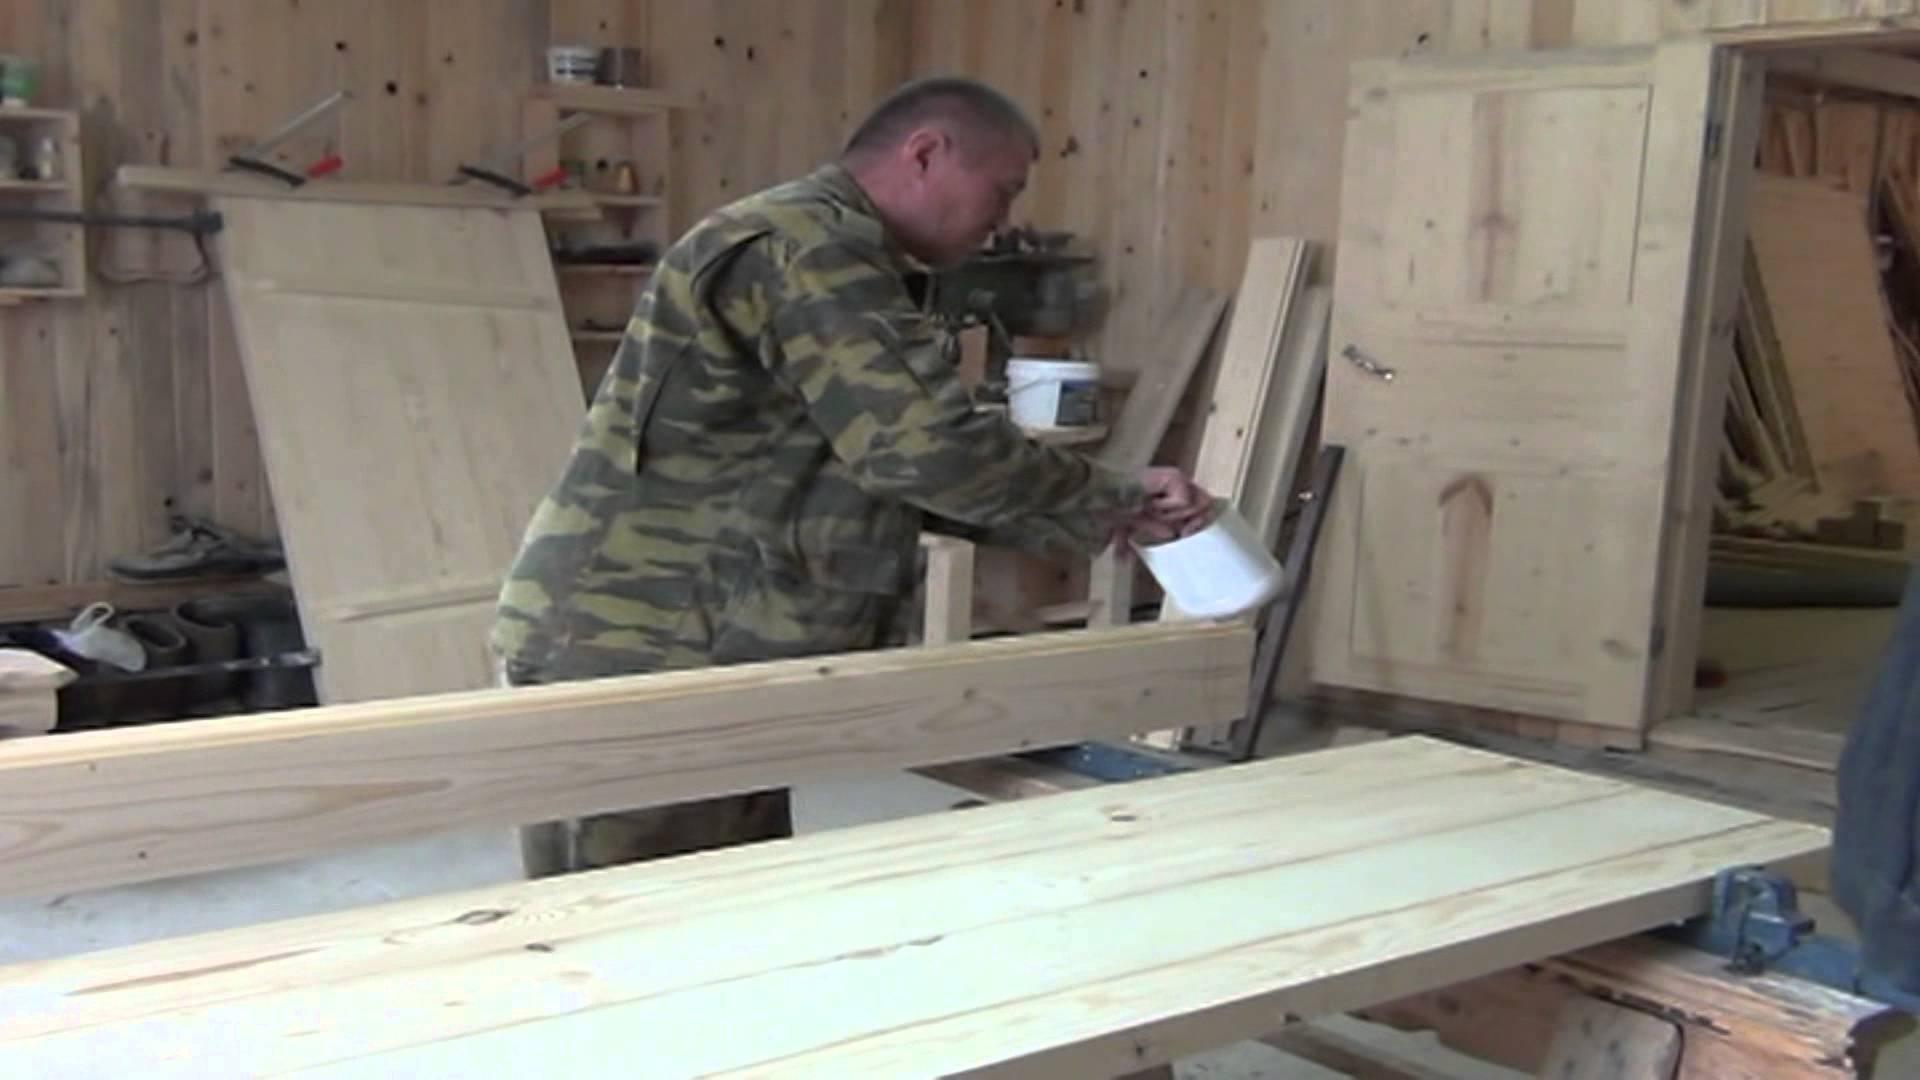 Деревянная дверь своими руками (34 фото): как сделать самому, изготовление из массива дерева